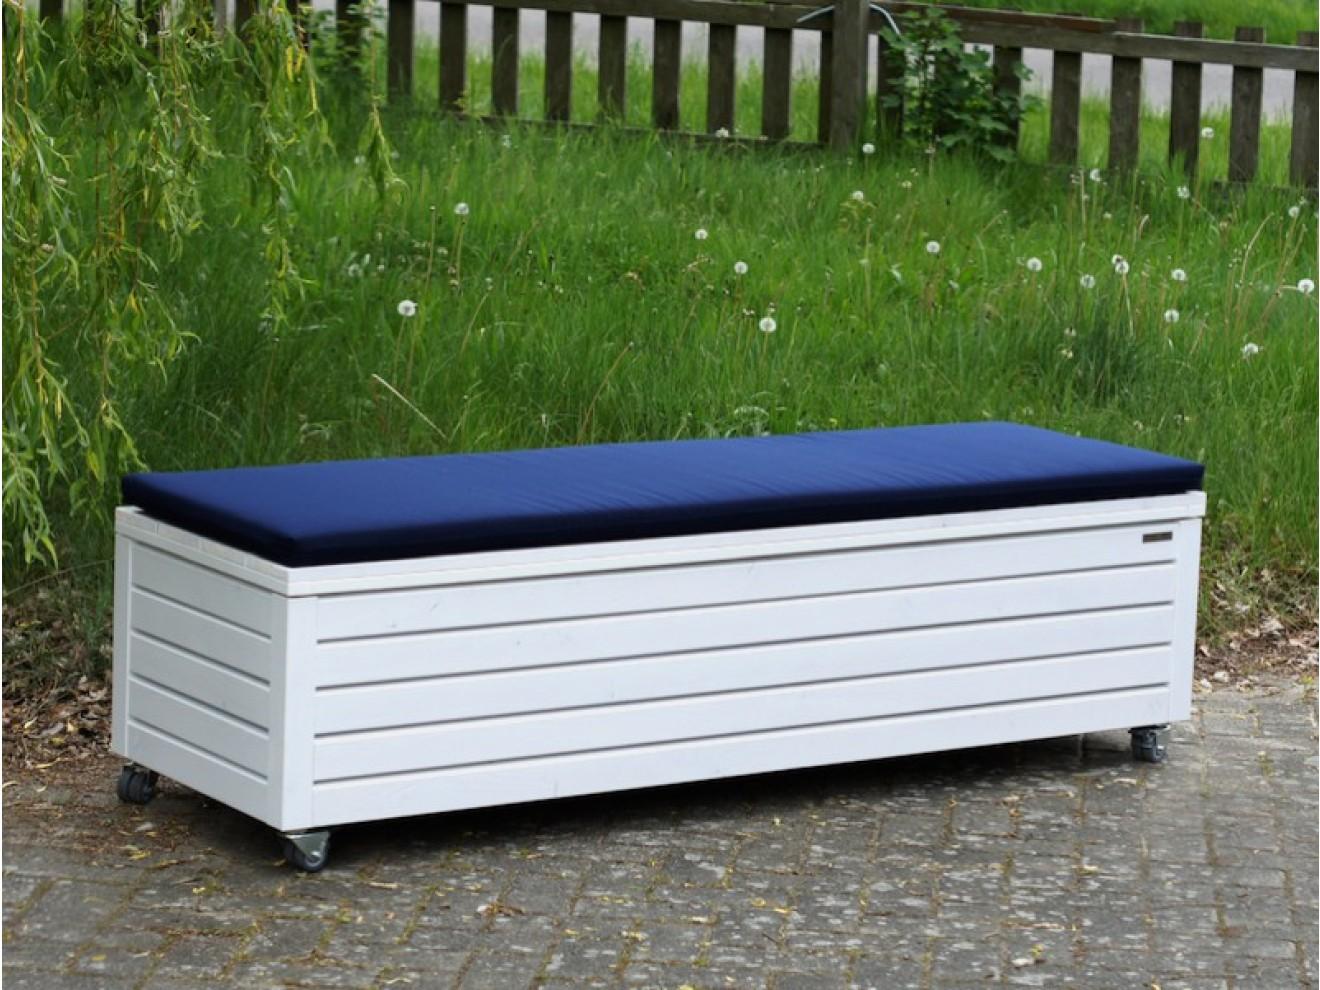 truhenbank sitztruhe holz made in germany. Black Bedroom Furniture Sets. Home Design Ideas